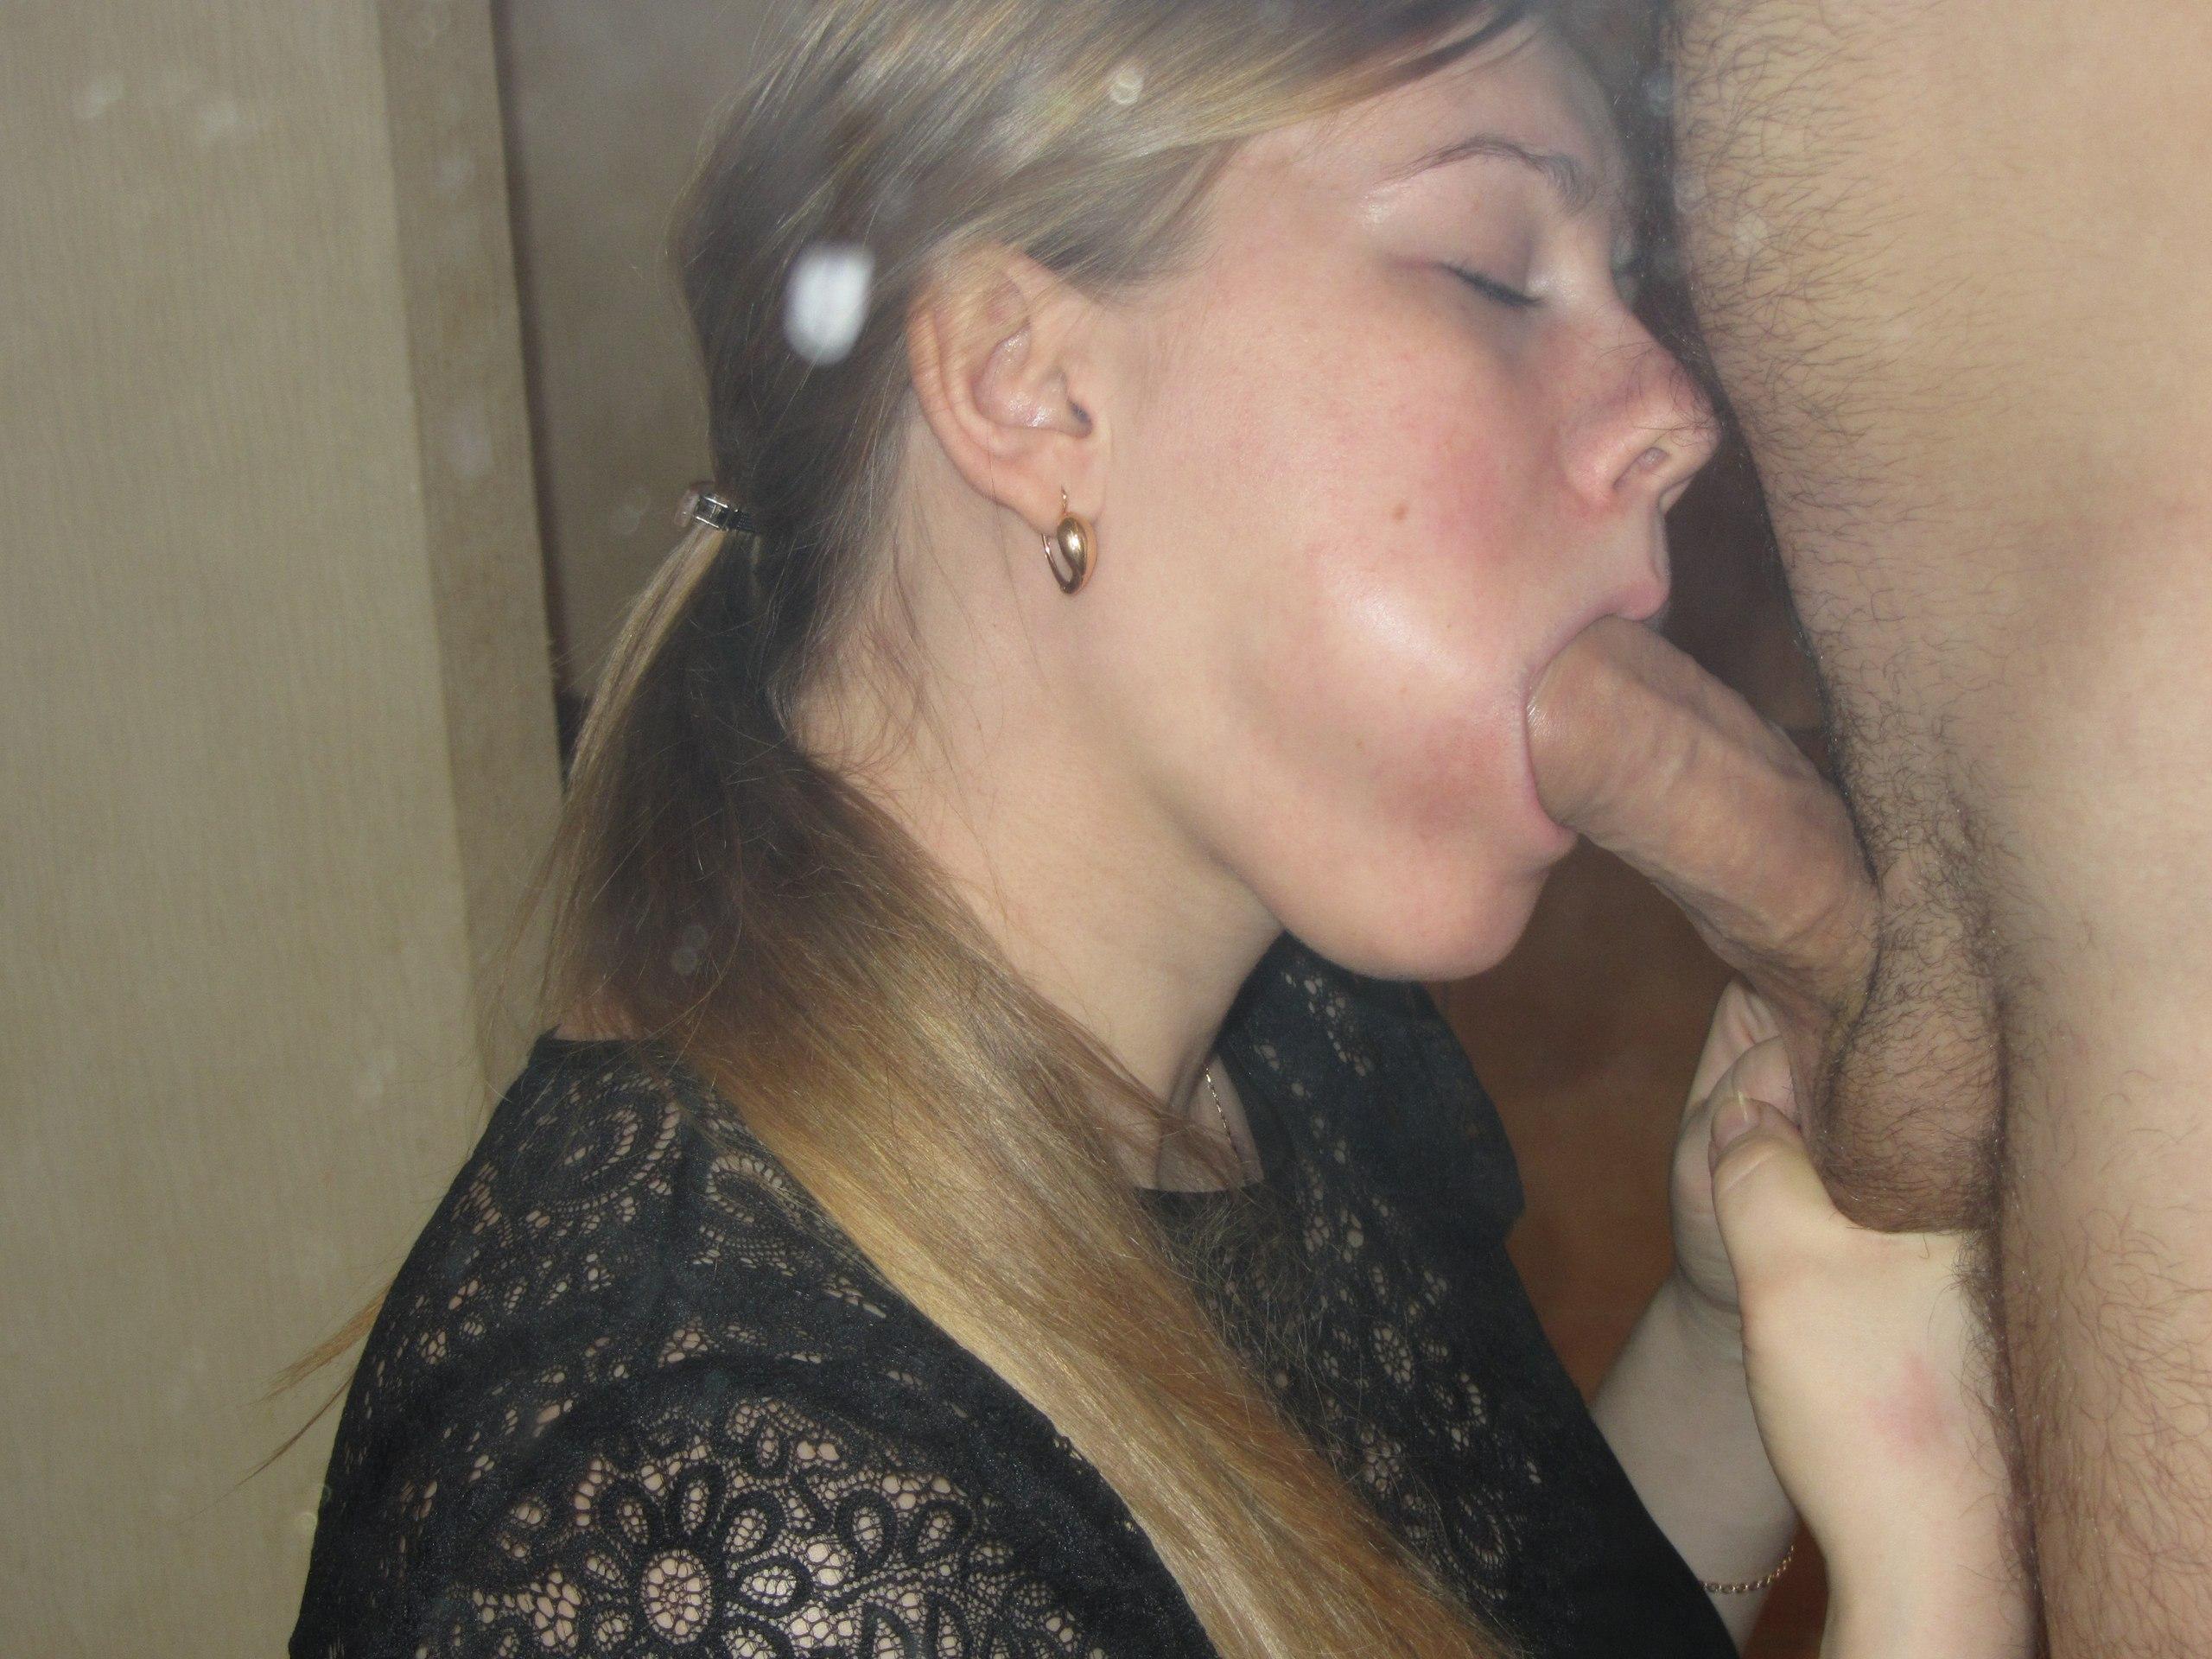 Фото проституток белгород 8 фотография.